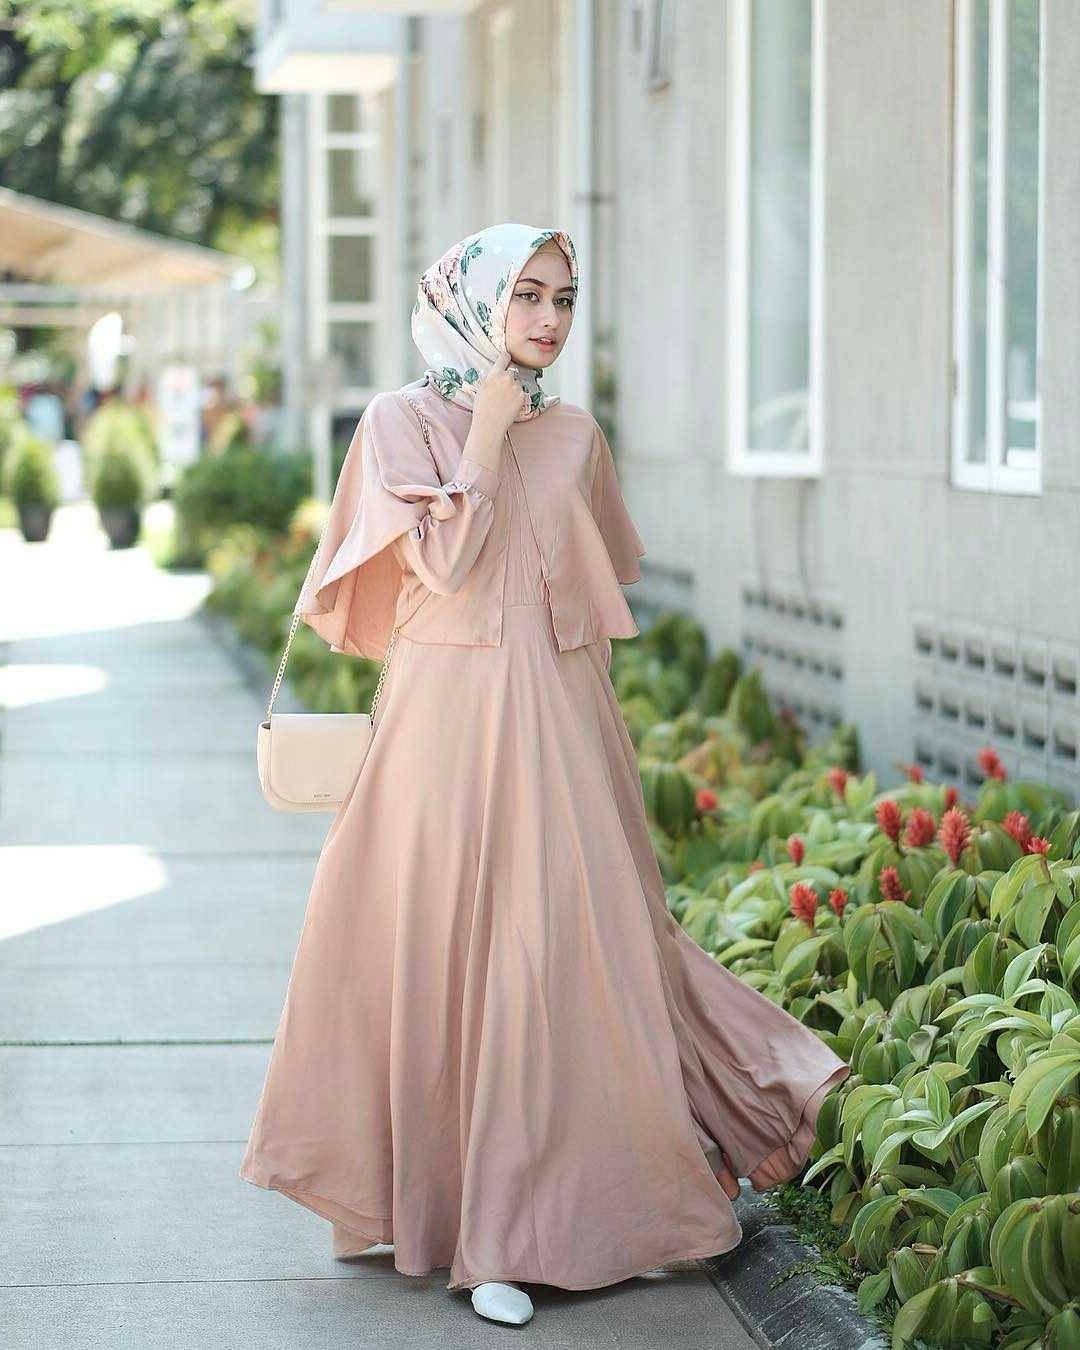 Ide Baju Lebaran Bumil S5d8 21 Model Gamis Lebaran 2018 Desain Elegan Casual Dan Modern